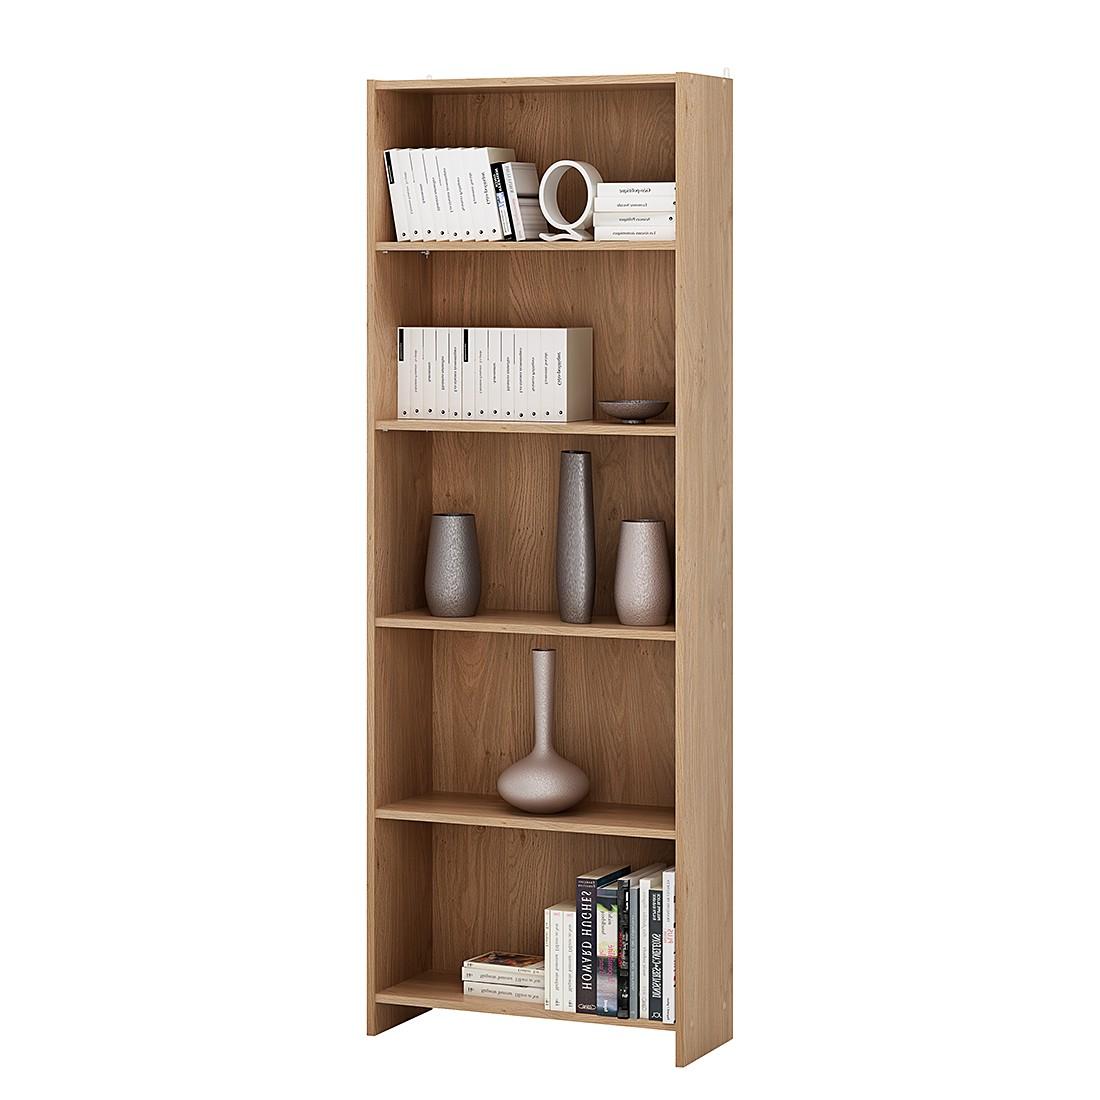 b cherregal almada teakholz. Black Bedroom Furniture Sets. Home Design Ideas